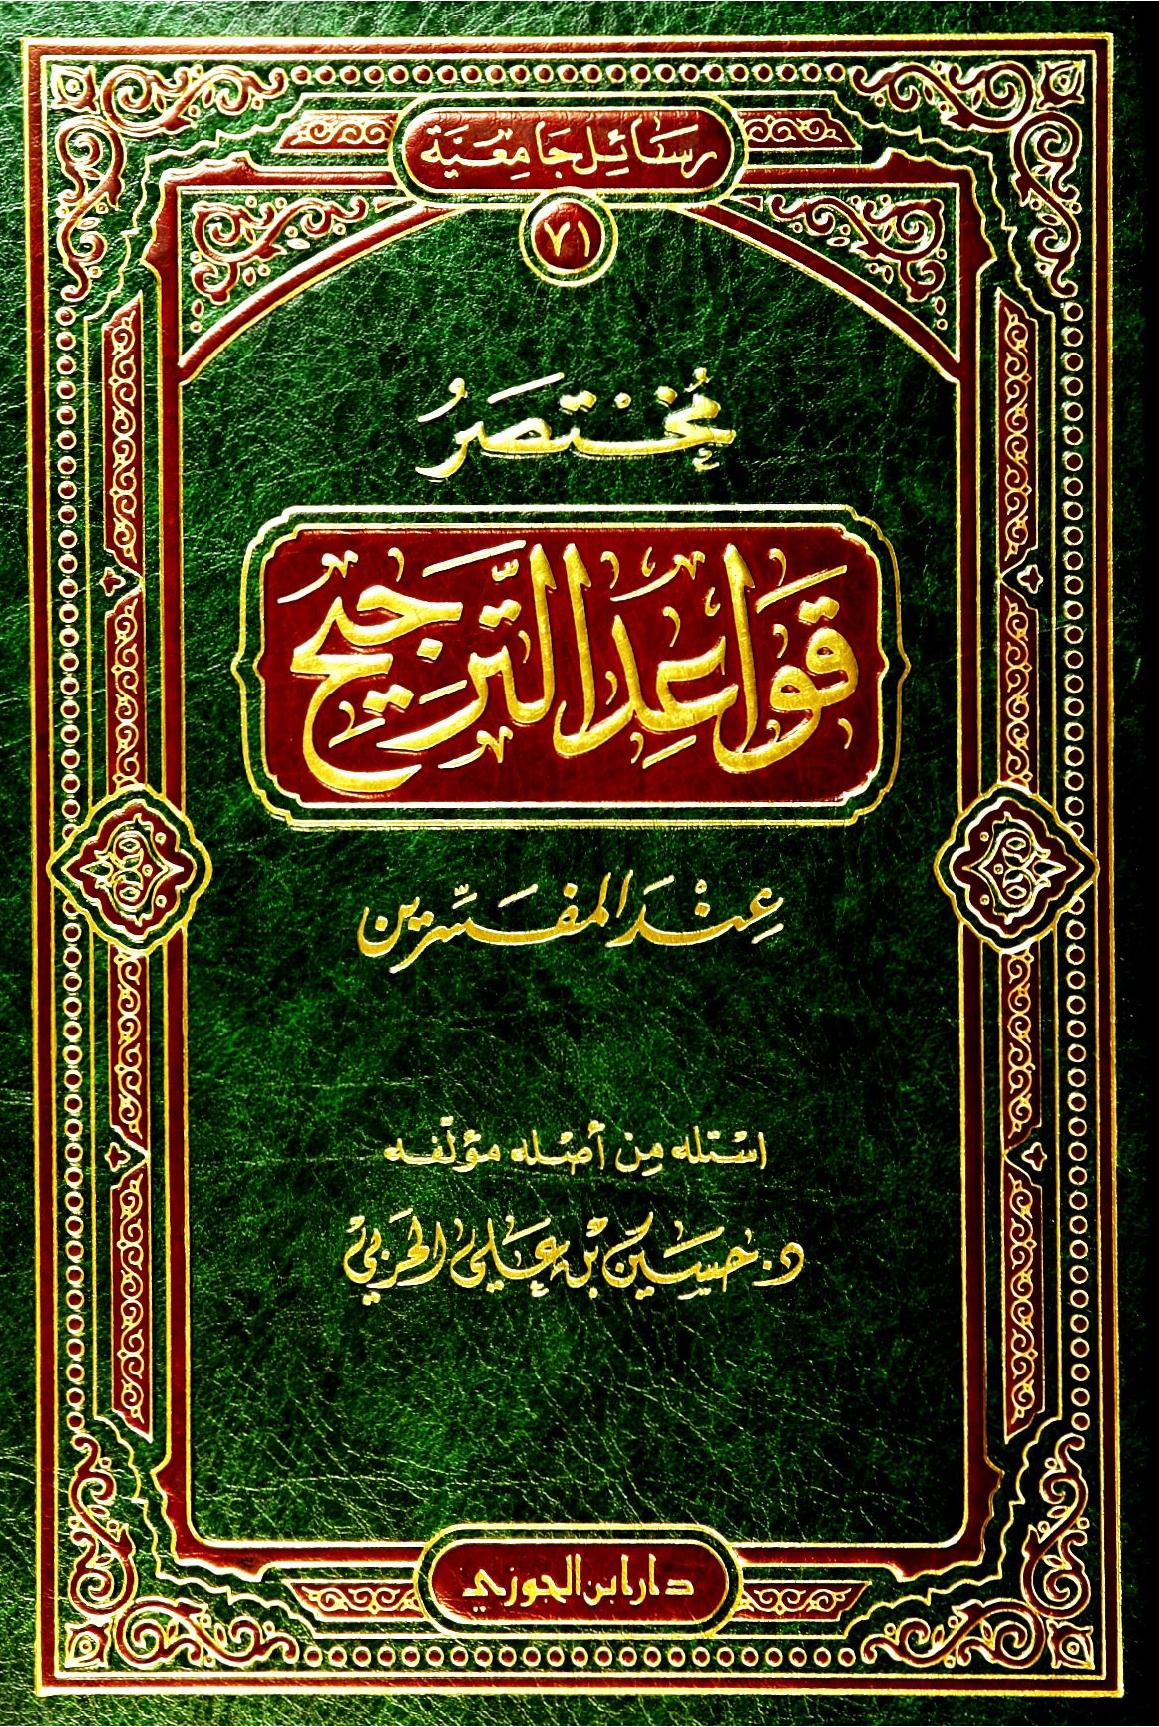 تحميل كتاب مختصر قواعد الترجيح عند المفسرين لـِ: حسين بن علي الحربي